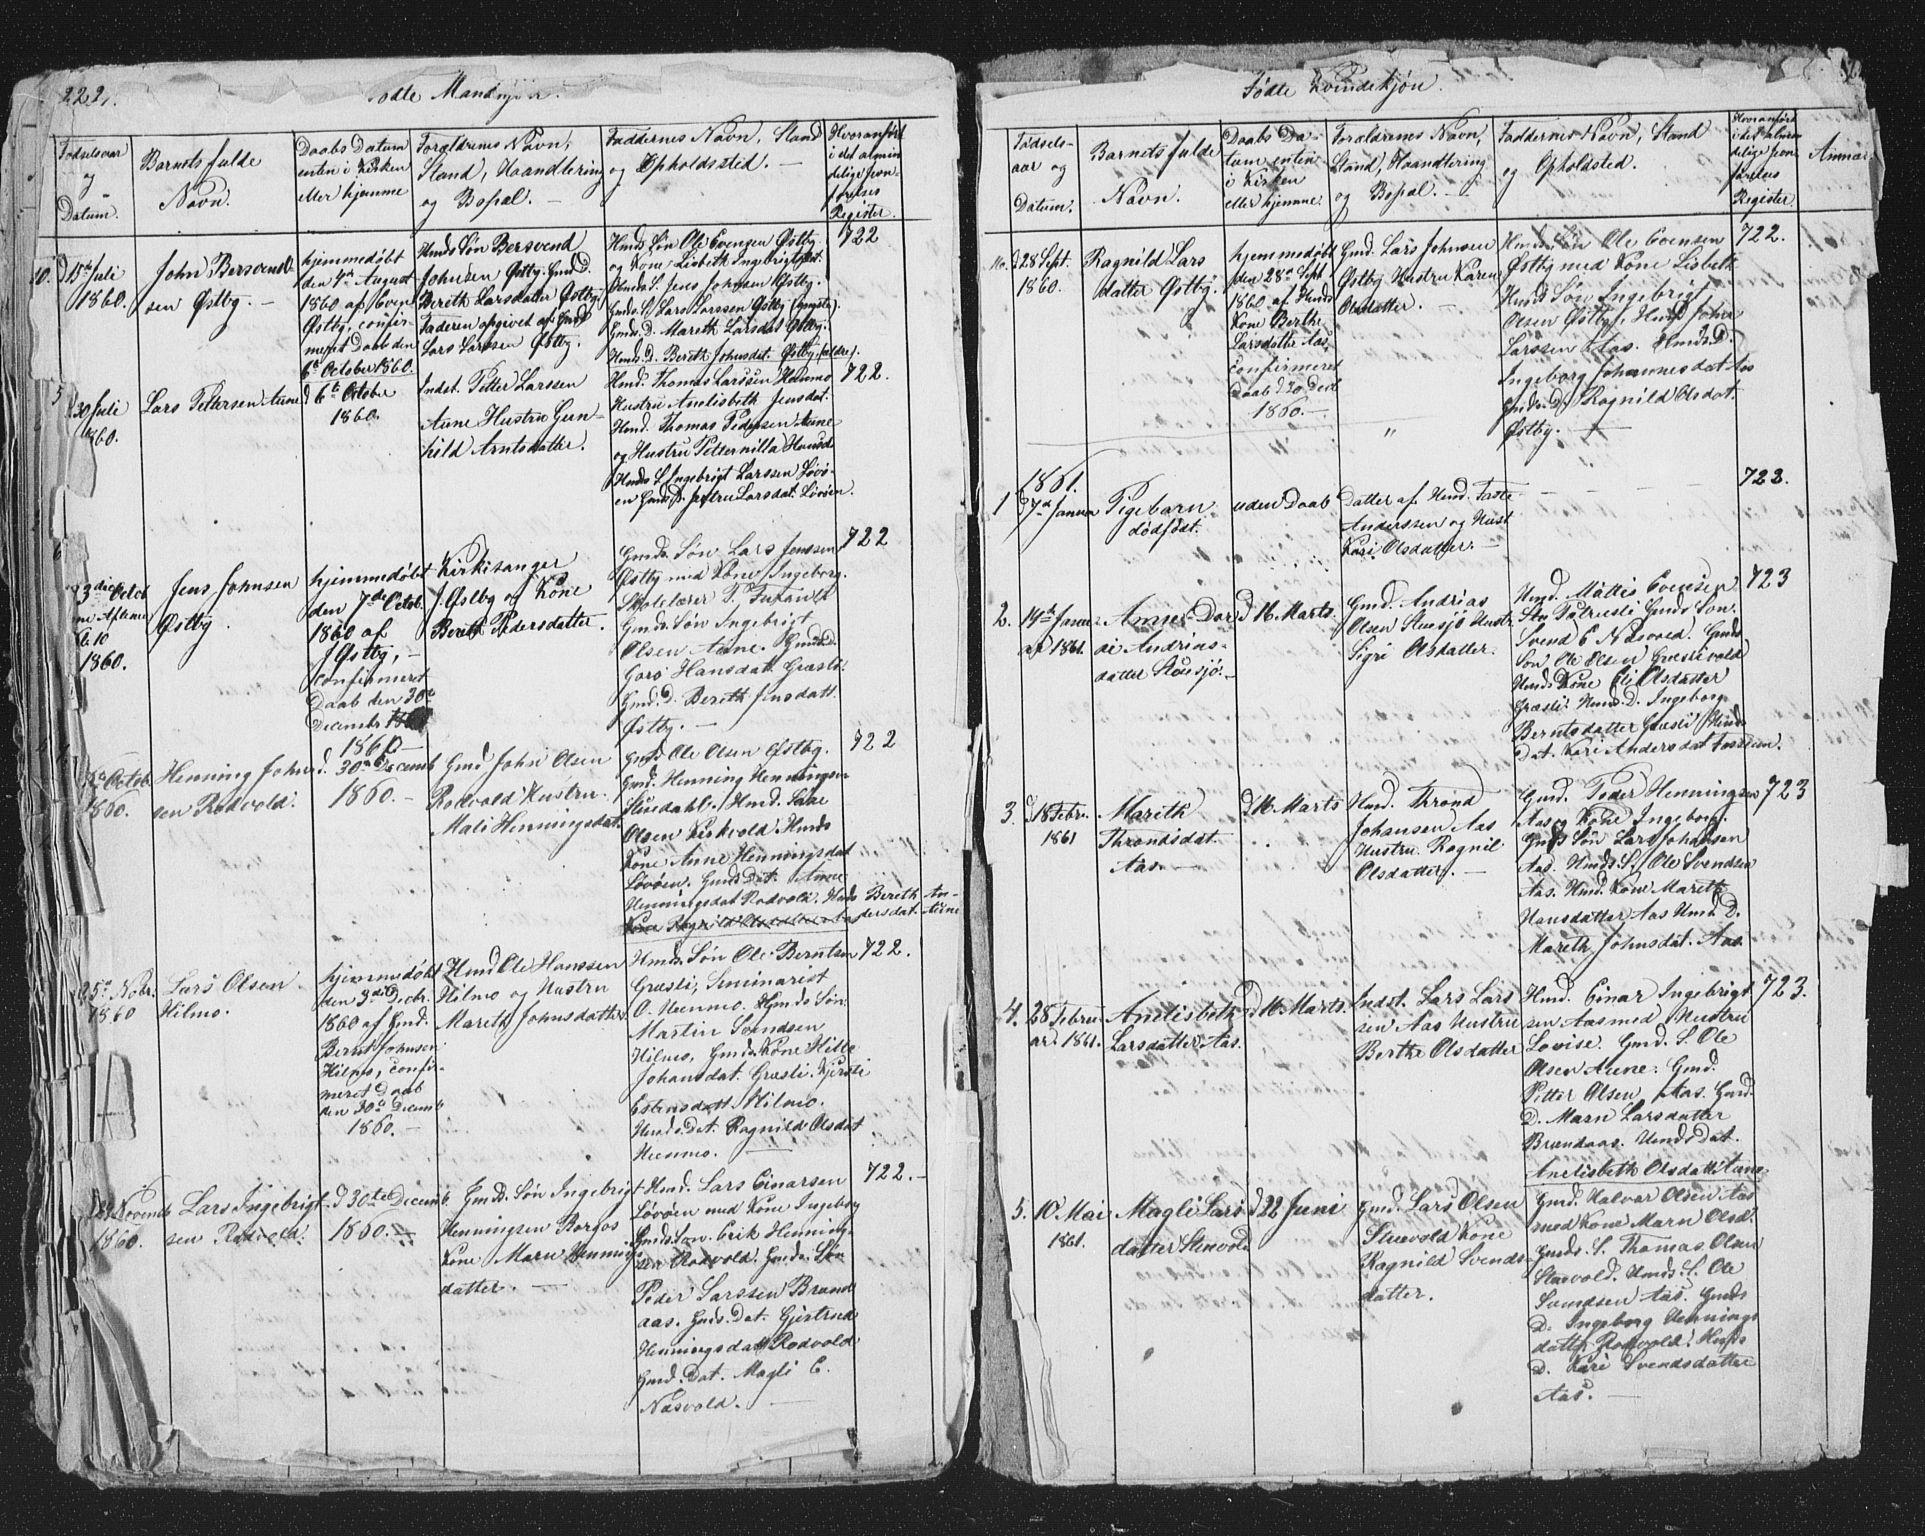 SAT, Ministerialprotokoller, klokkerbøker og fødselsregistre - Sør-Trøndelag, 698/L1165: Klokkerbok nr. 698C02, 1851-1861, s. 224-225